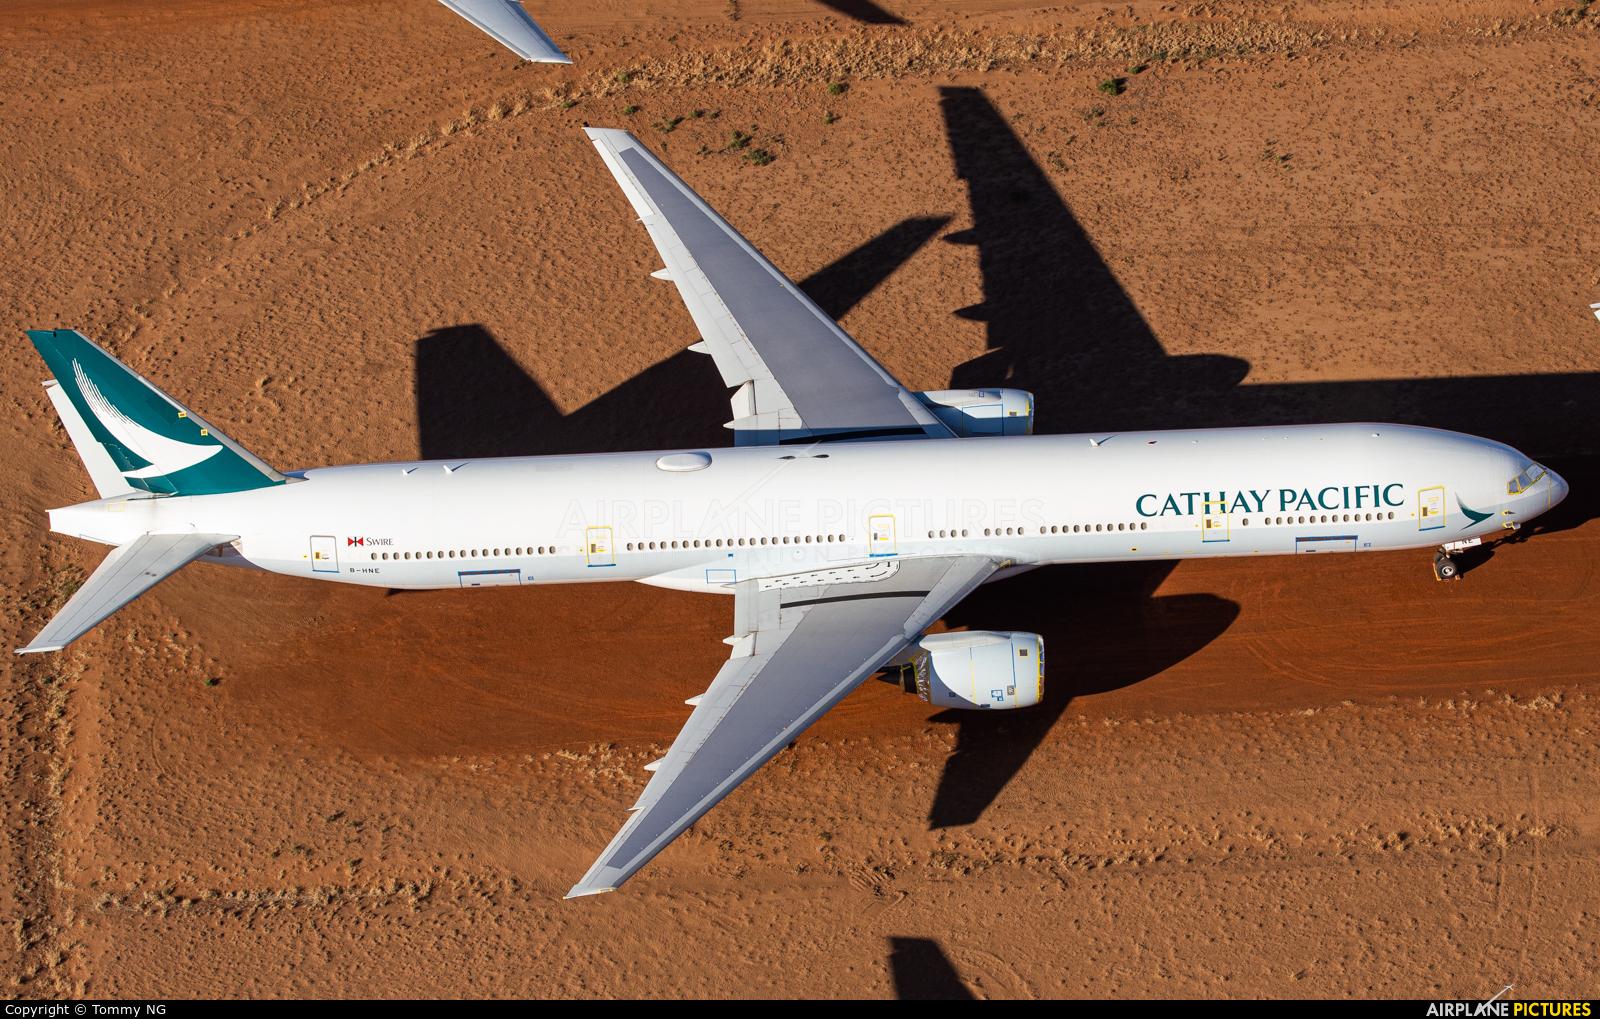 Cathay Pacific B-HNE aircraft at